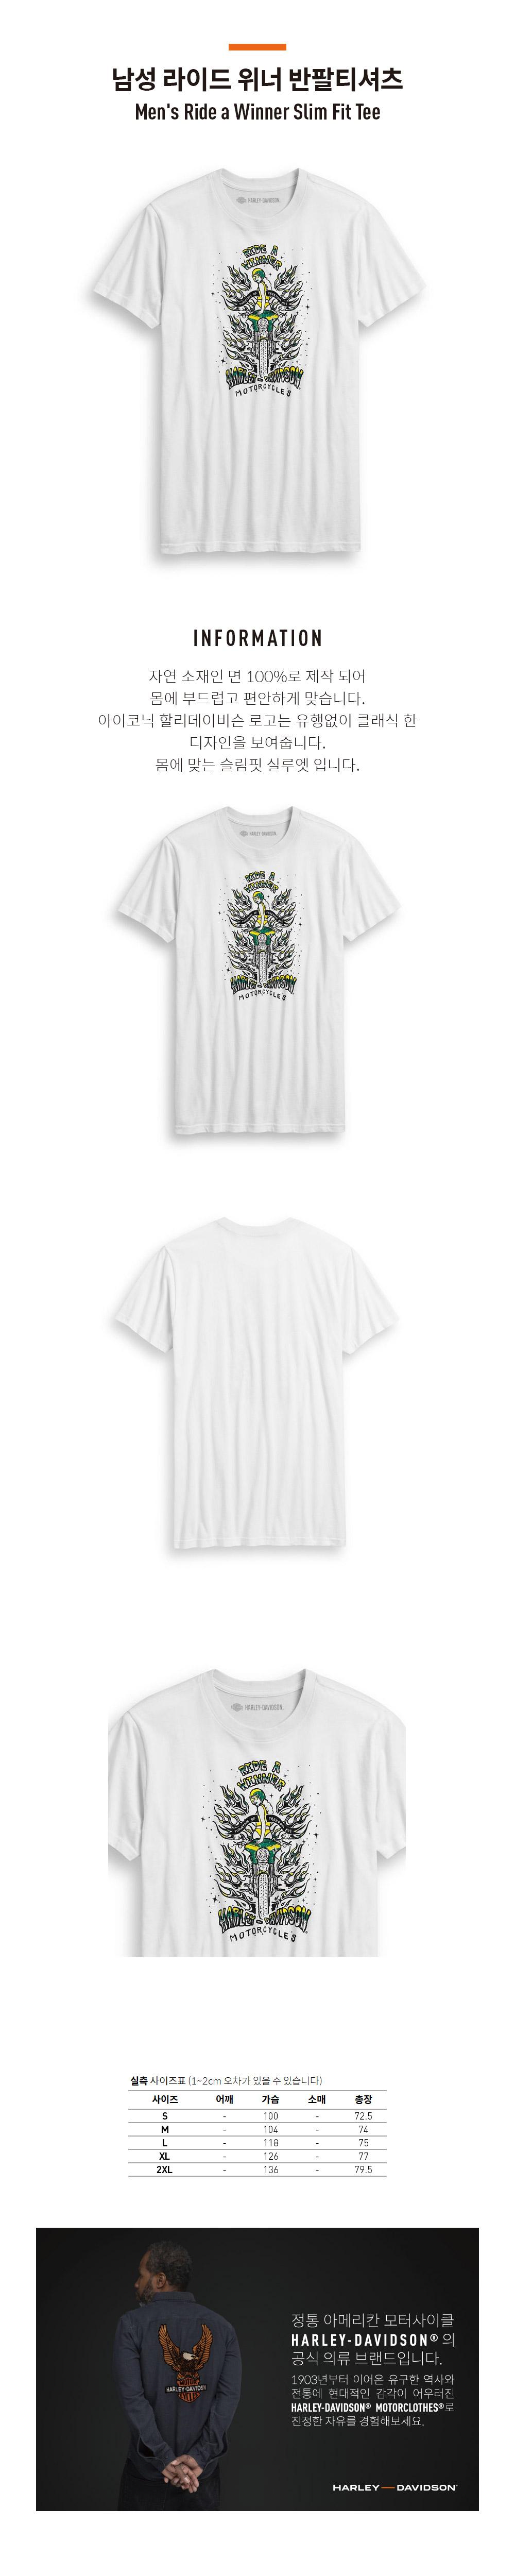 남성 라이드 위너 반팔티셔츠